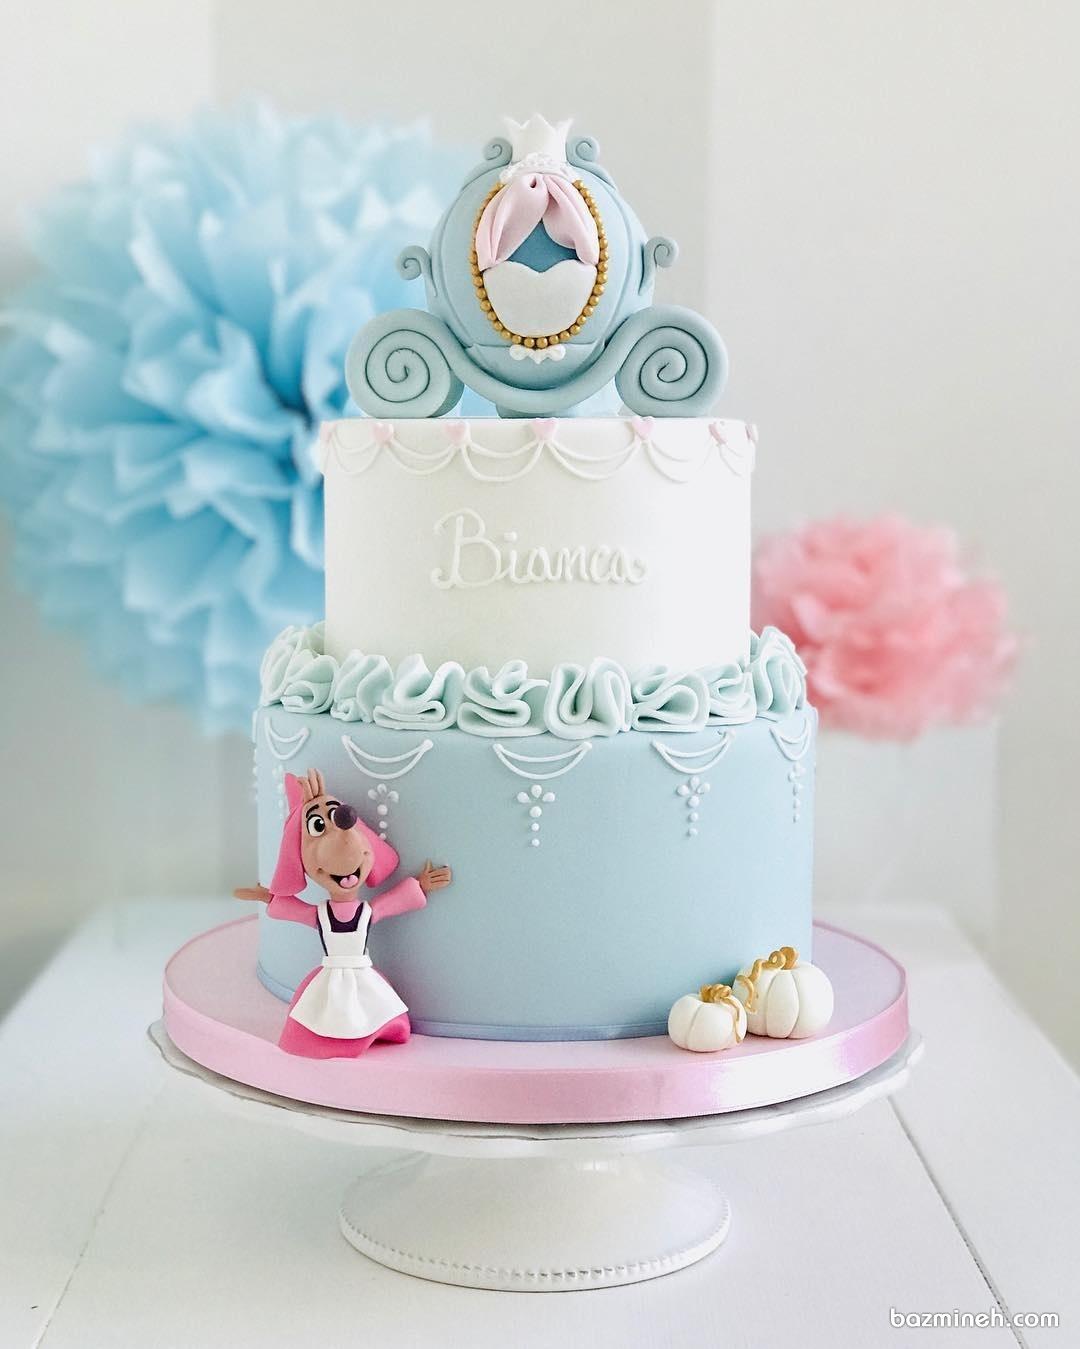 کیک دو طبقه جشن تولد دخترانه با تم سیندرلا به رنگ سفید آبی با عروسک موش مهربون این داستان